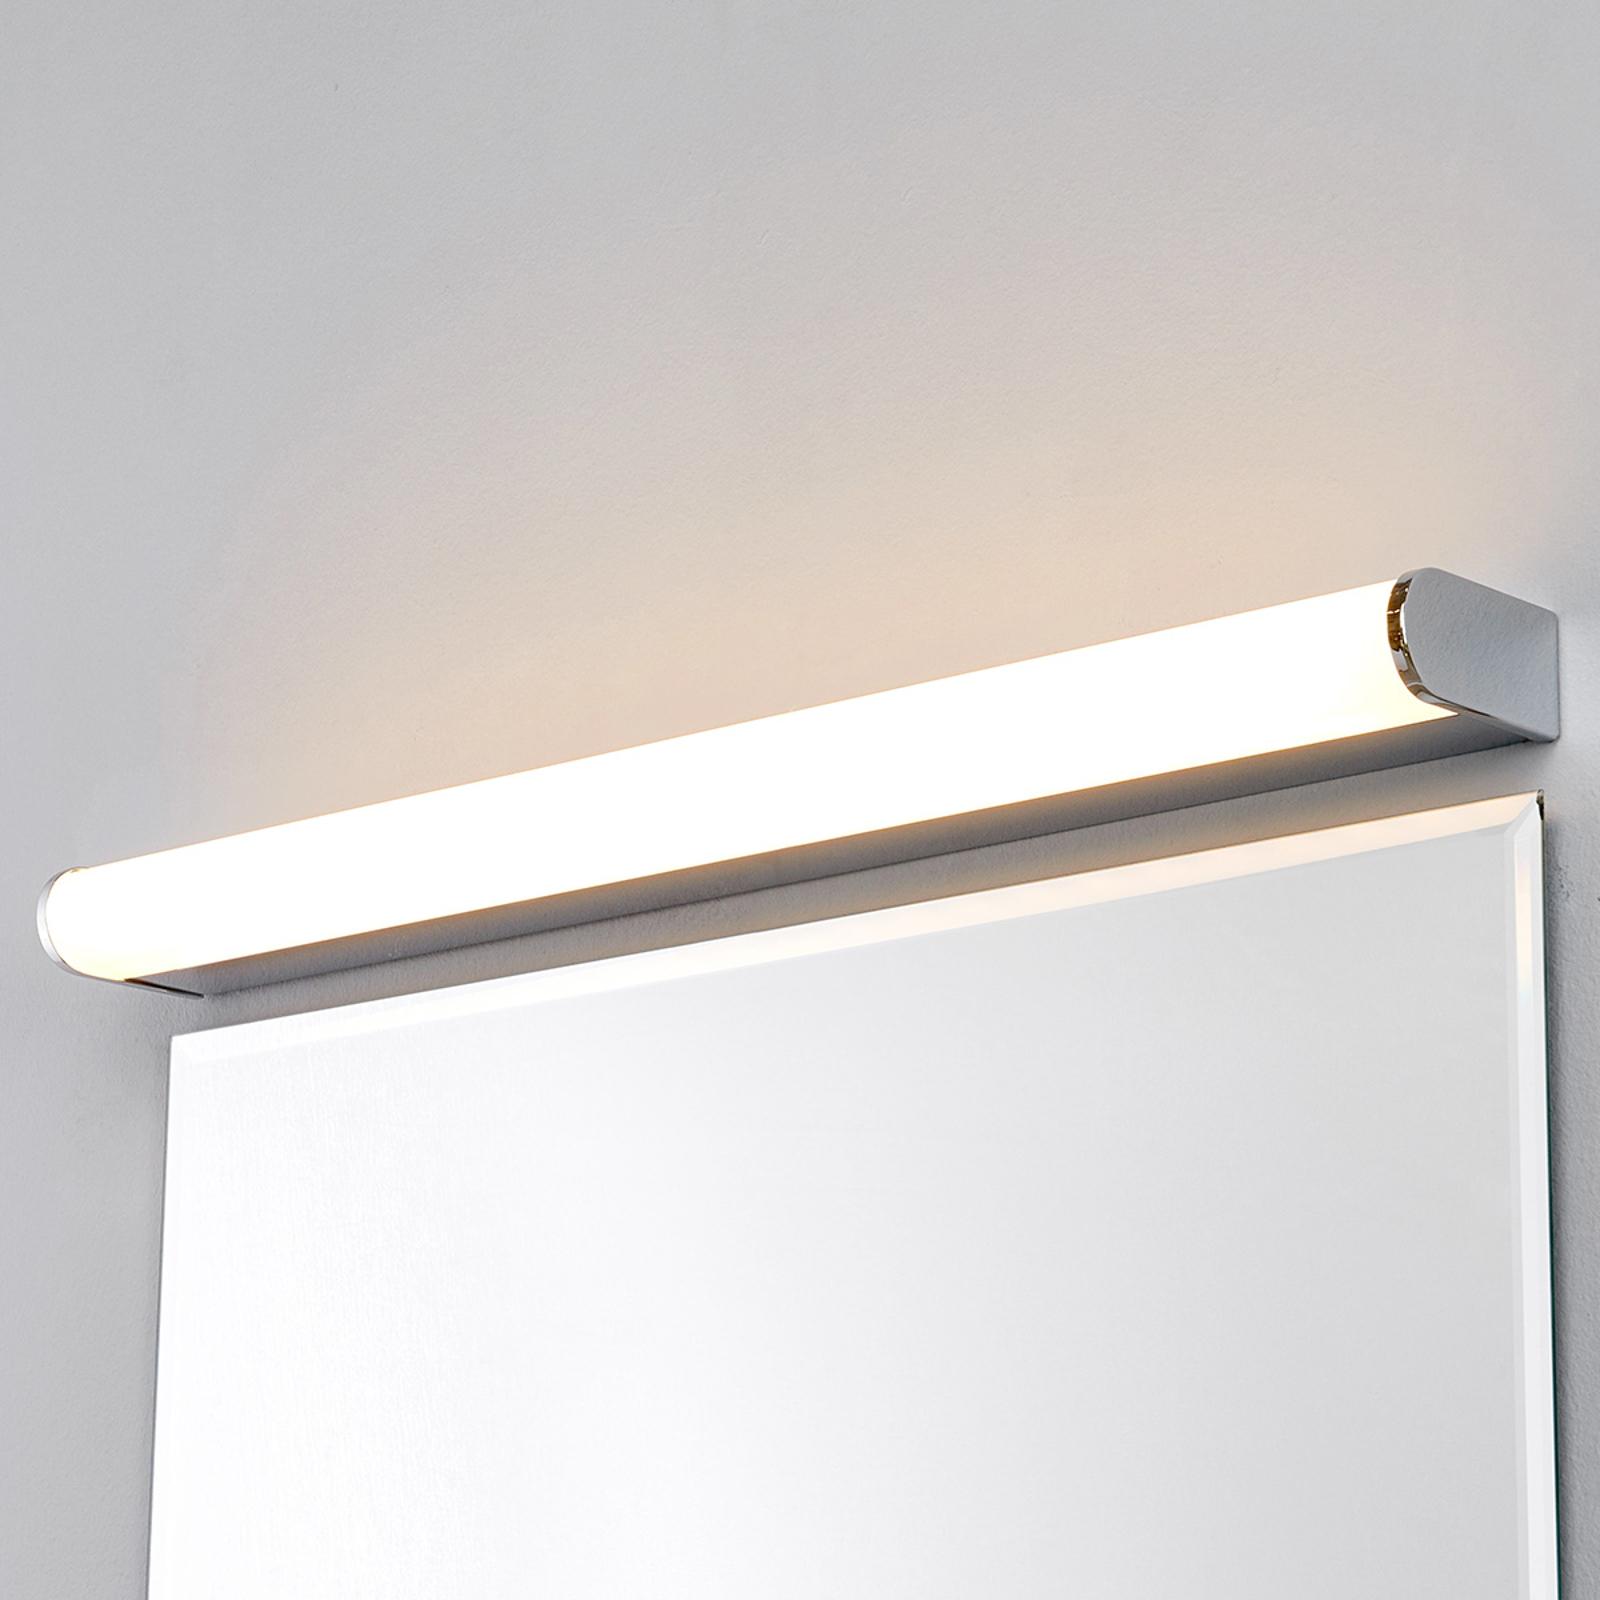 Lampada LED Philippa da bagno, semicilindro 58cm